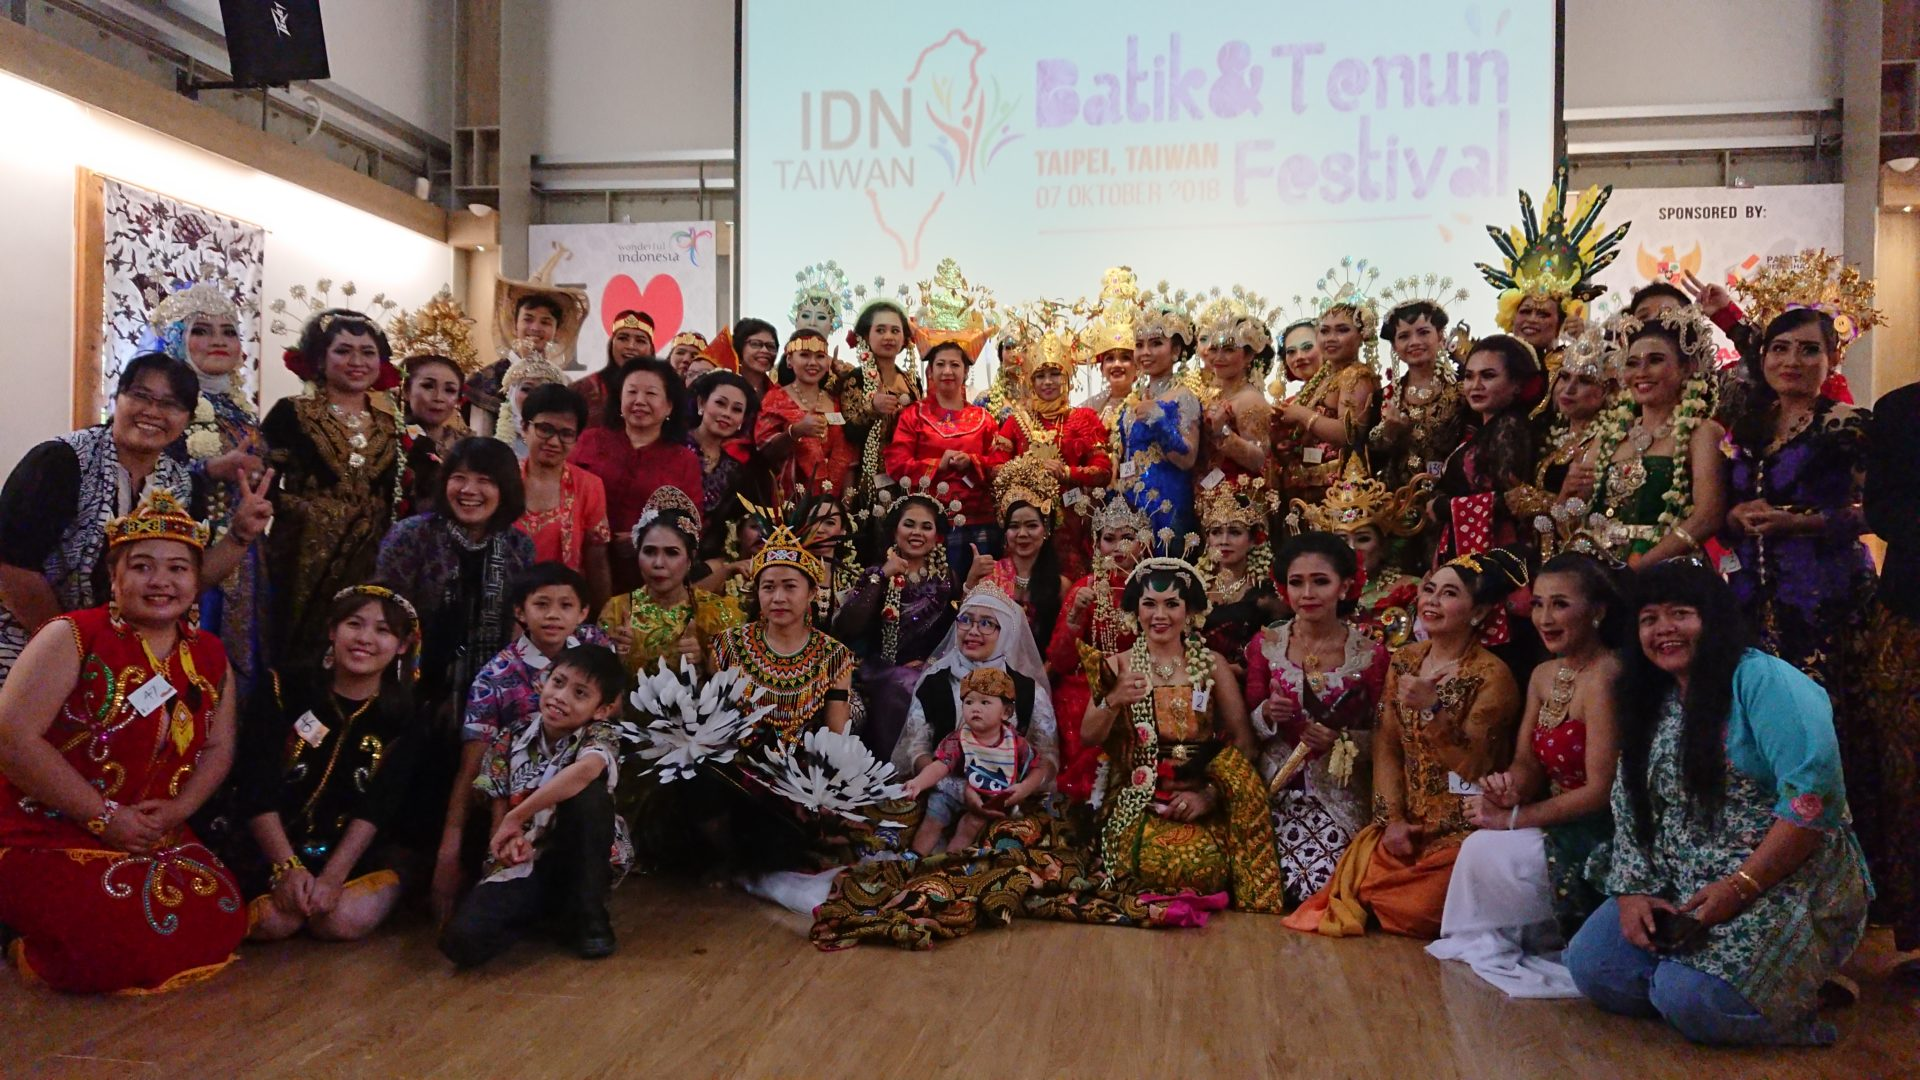 【新訊】東南亞織品藝術盛宴 博物館作為文化展示場域